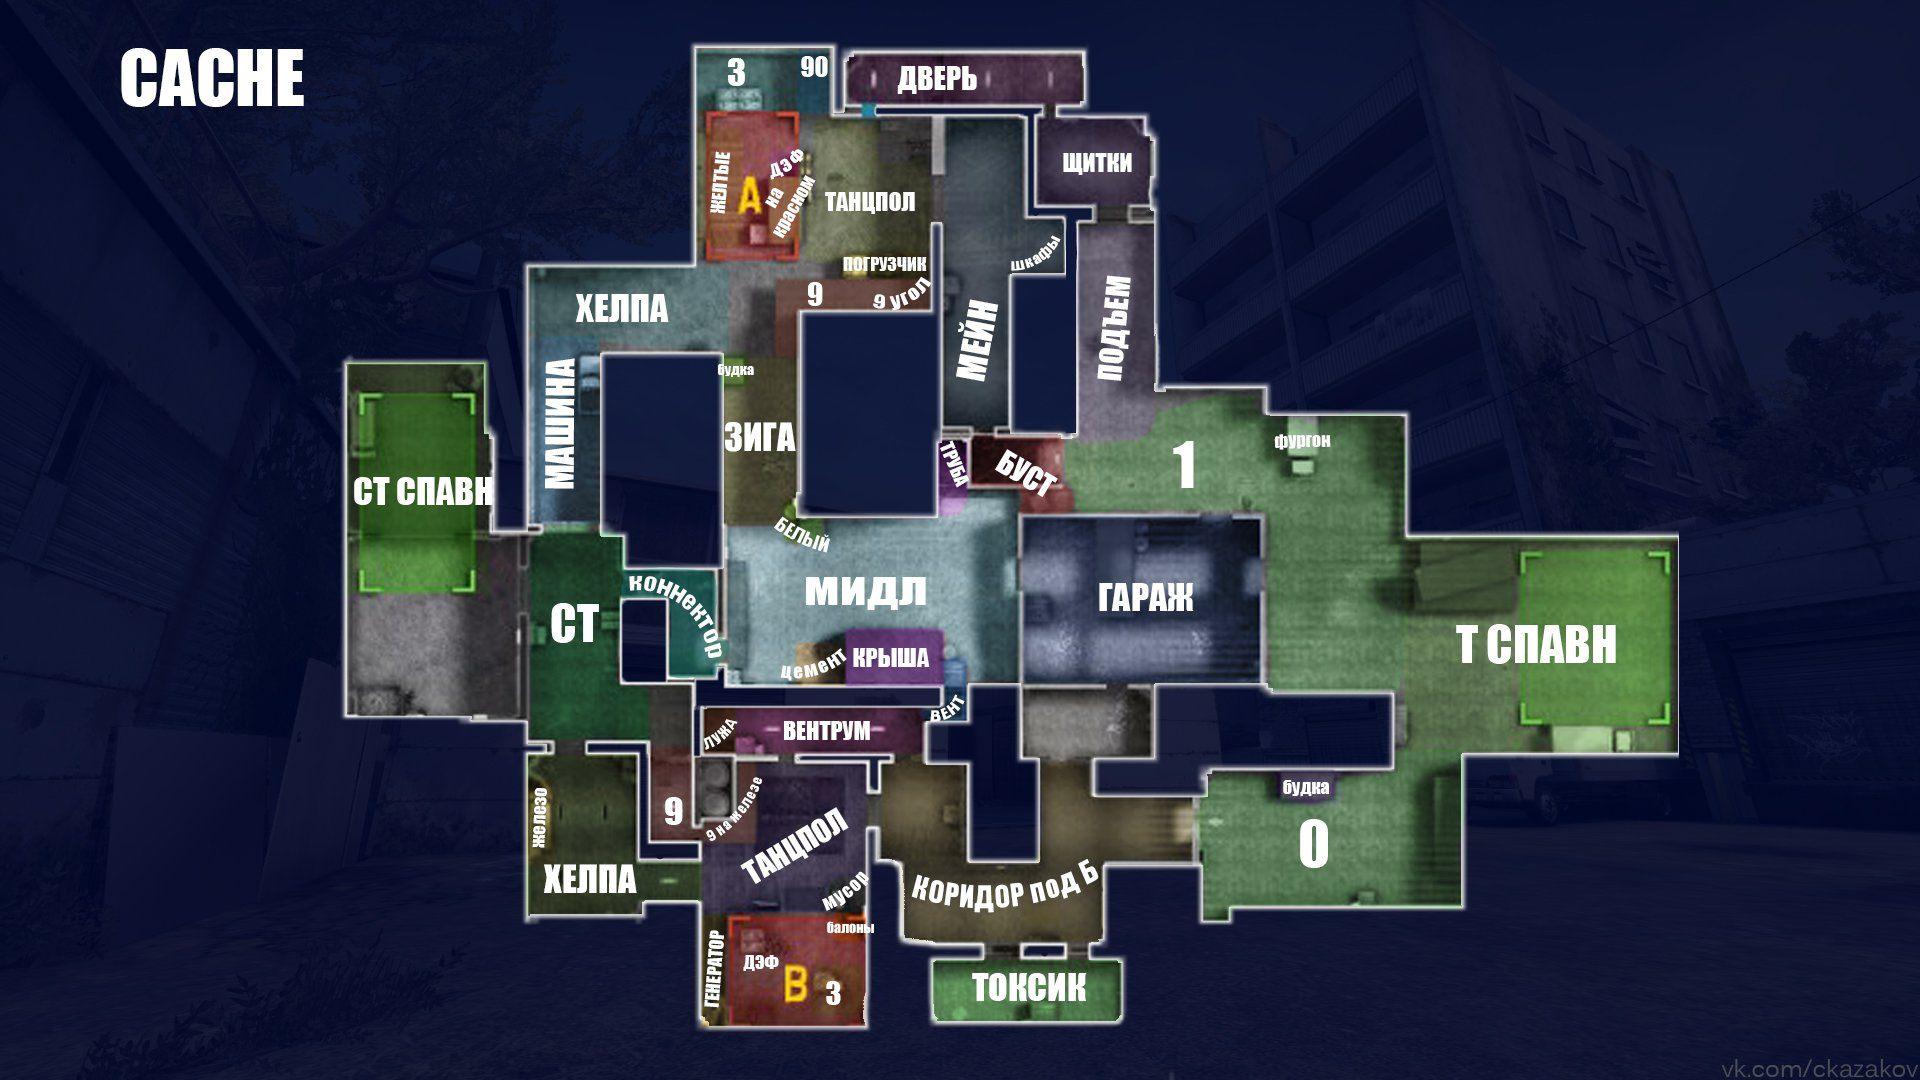 Названия позиций на карте Cache